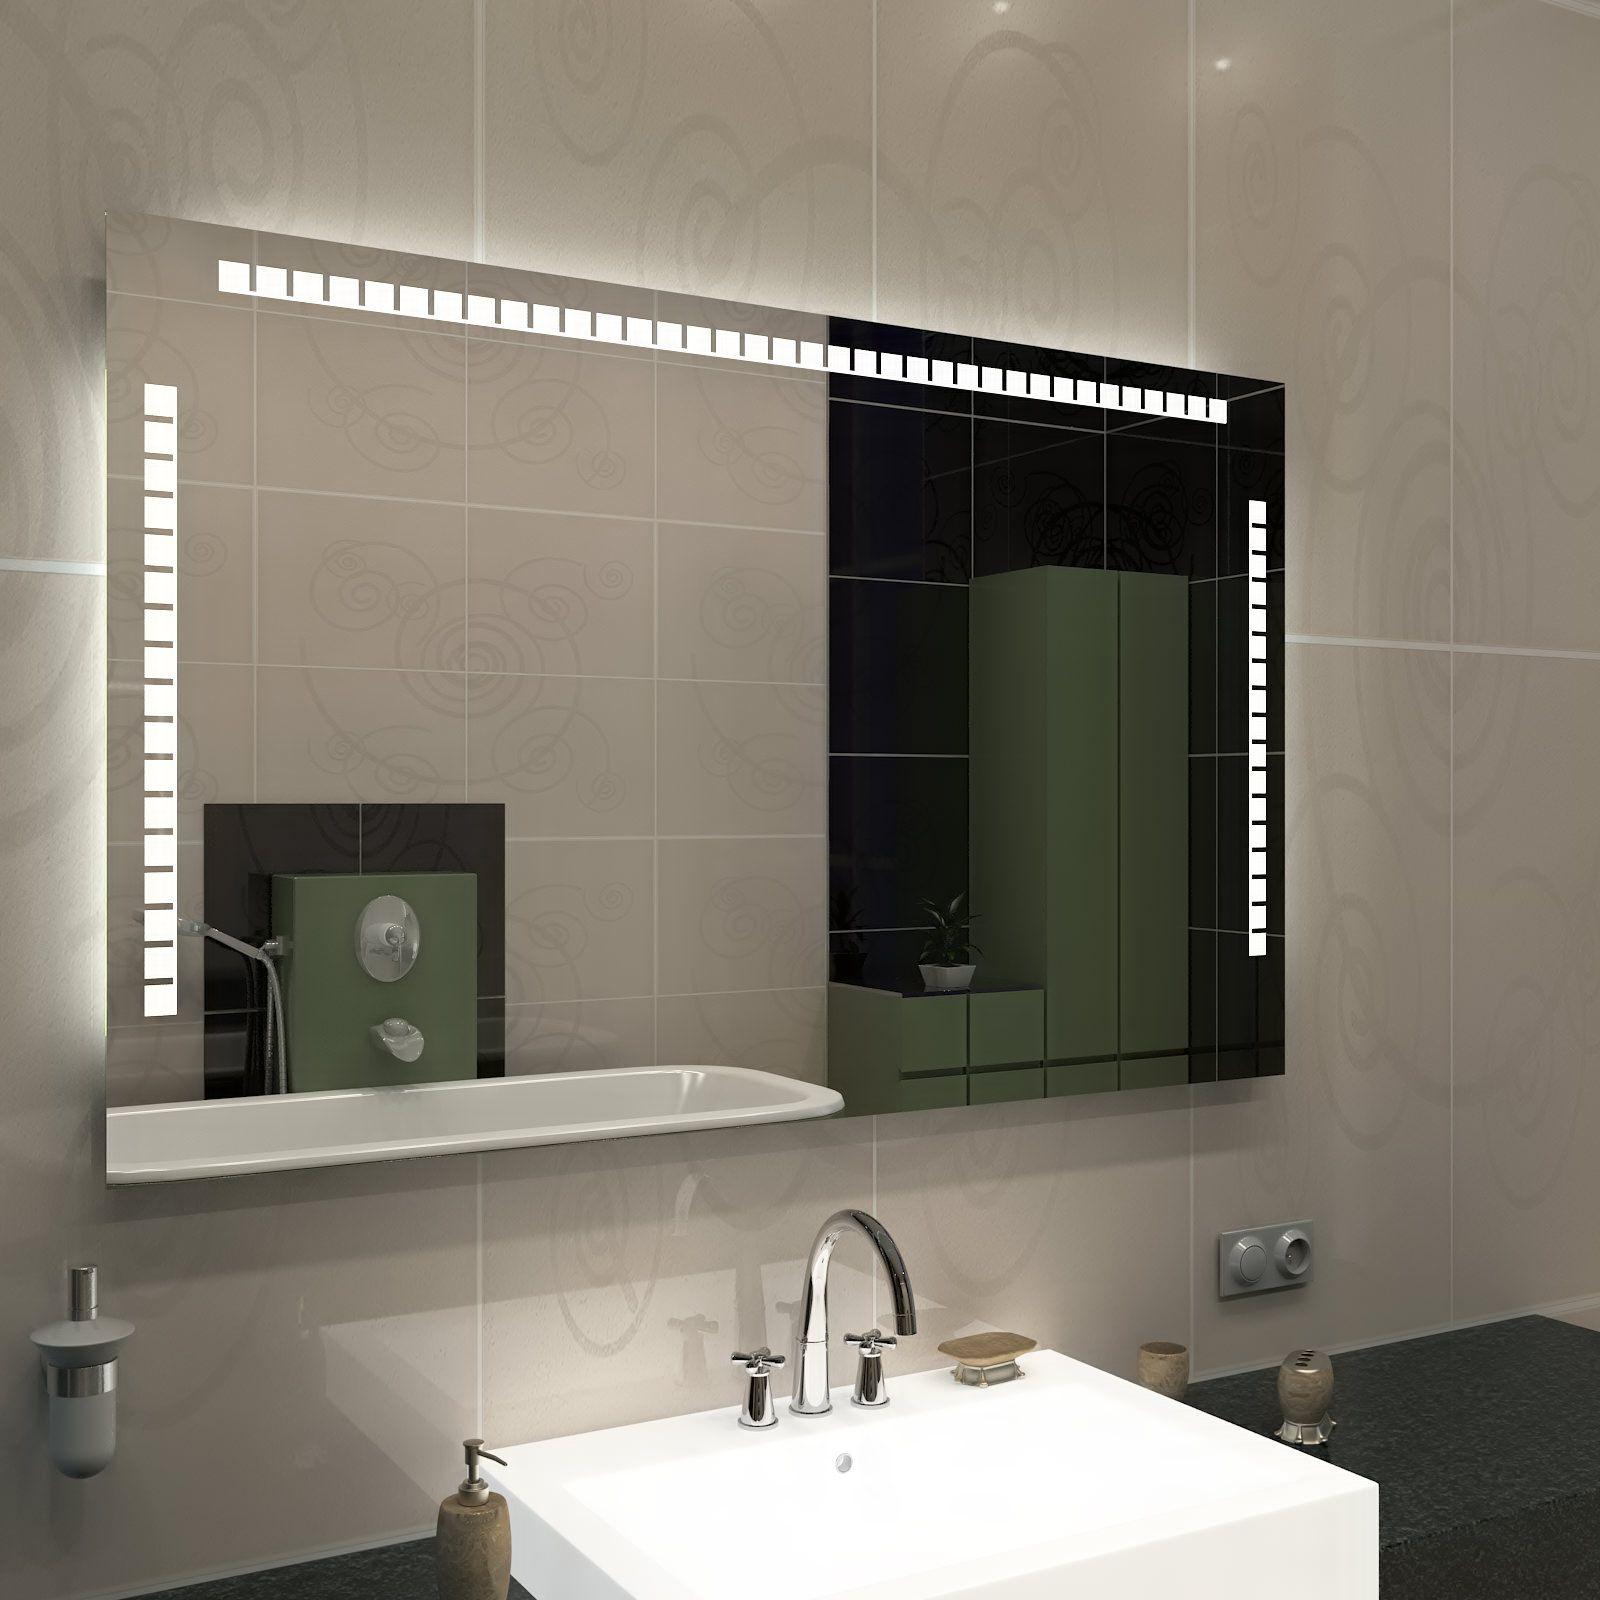 Ayna ve Banyo Aynaları Fiyatları | Ayna-Modelleri.com ...